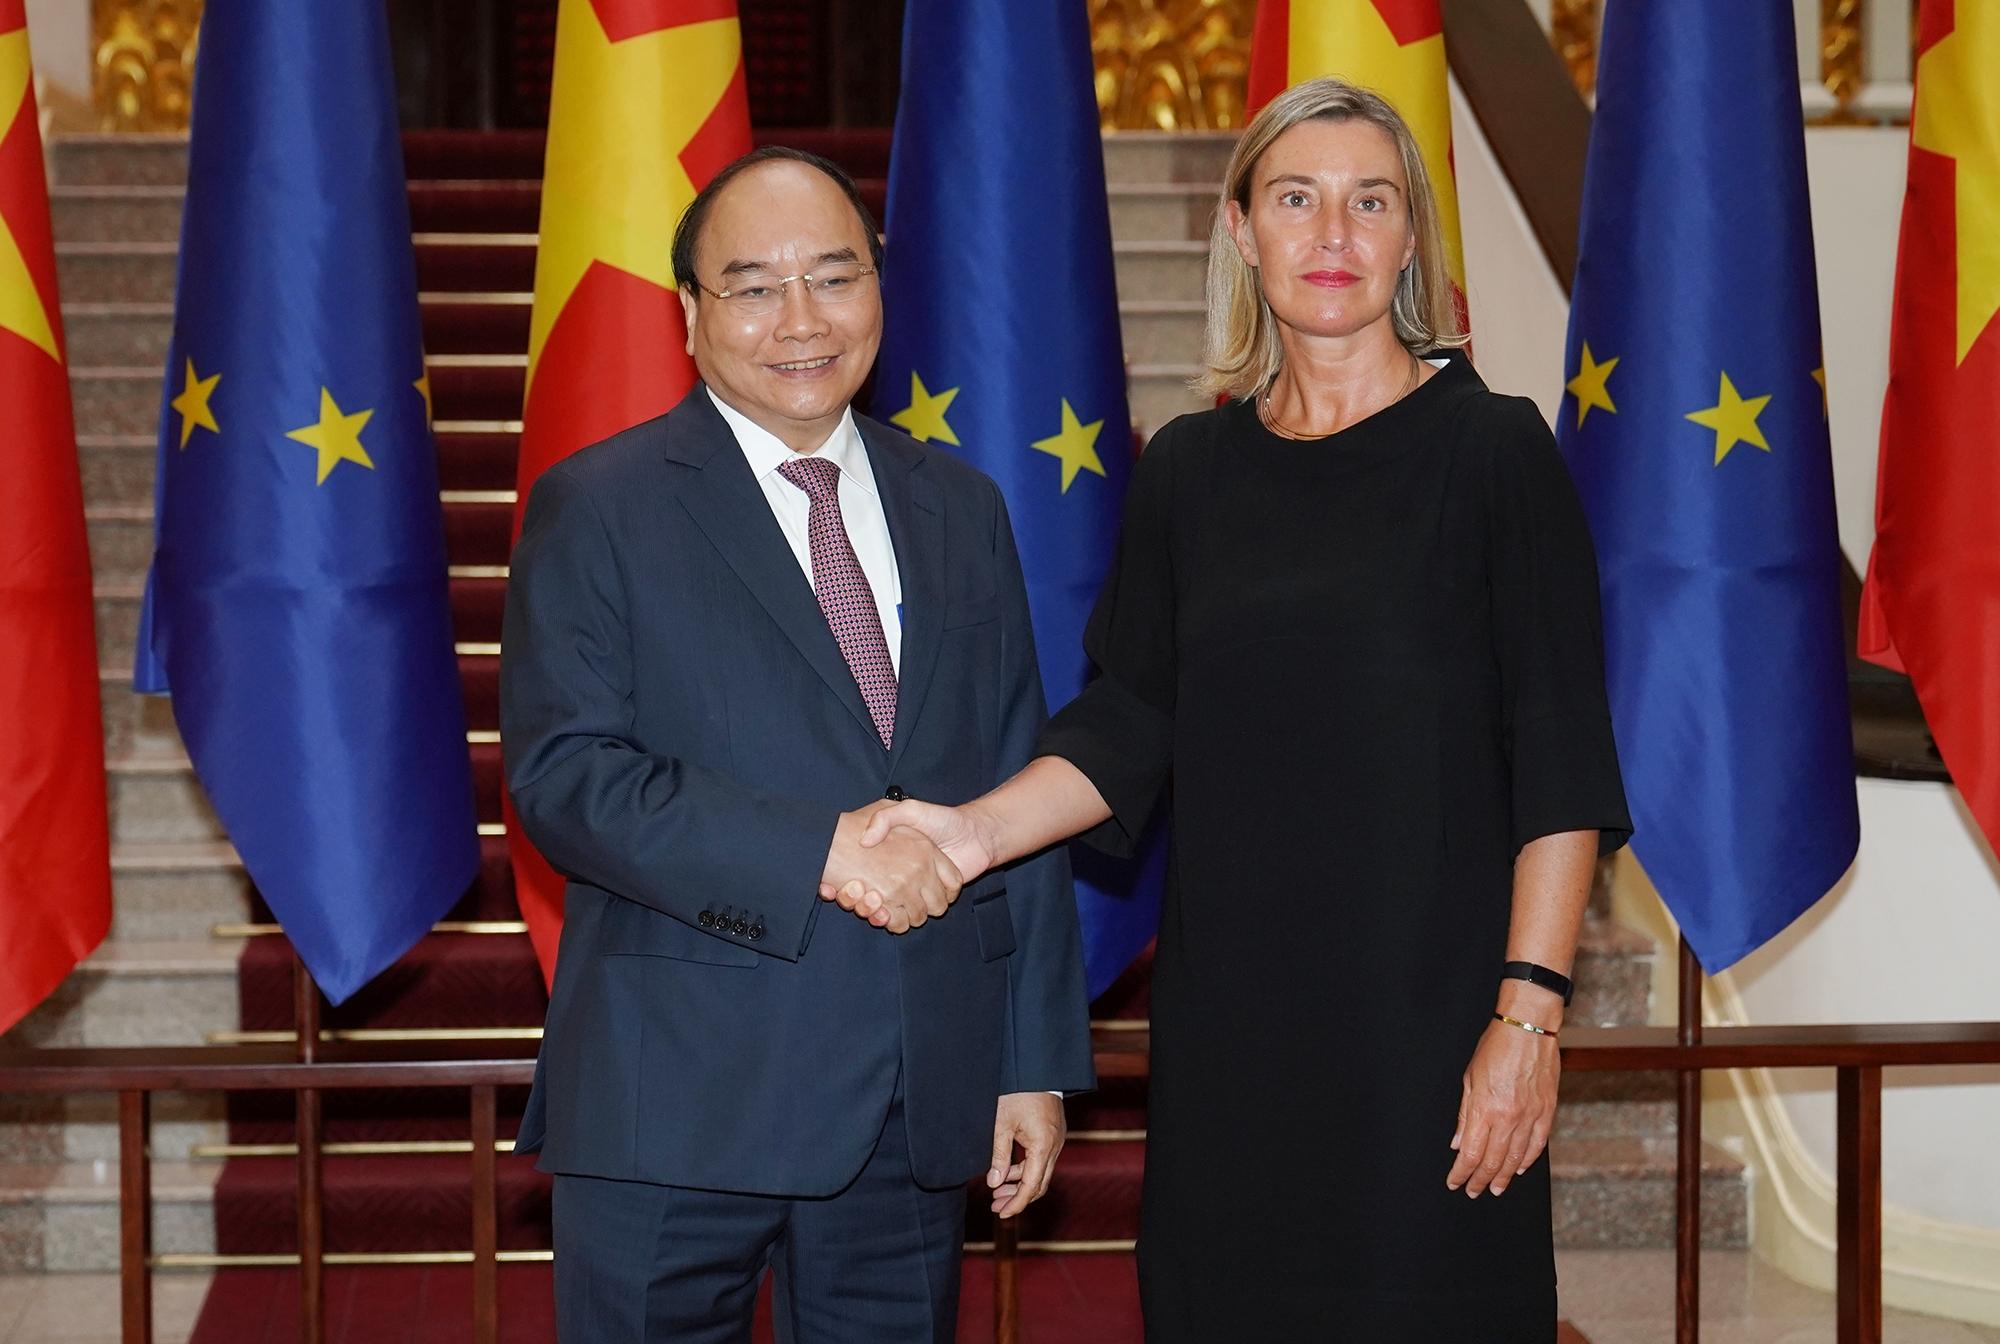 EU ủng hộ tự do, an ninh và an toàn hàng hải tại Biển Đông